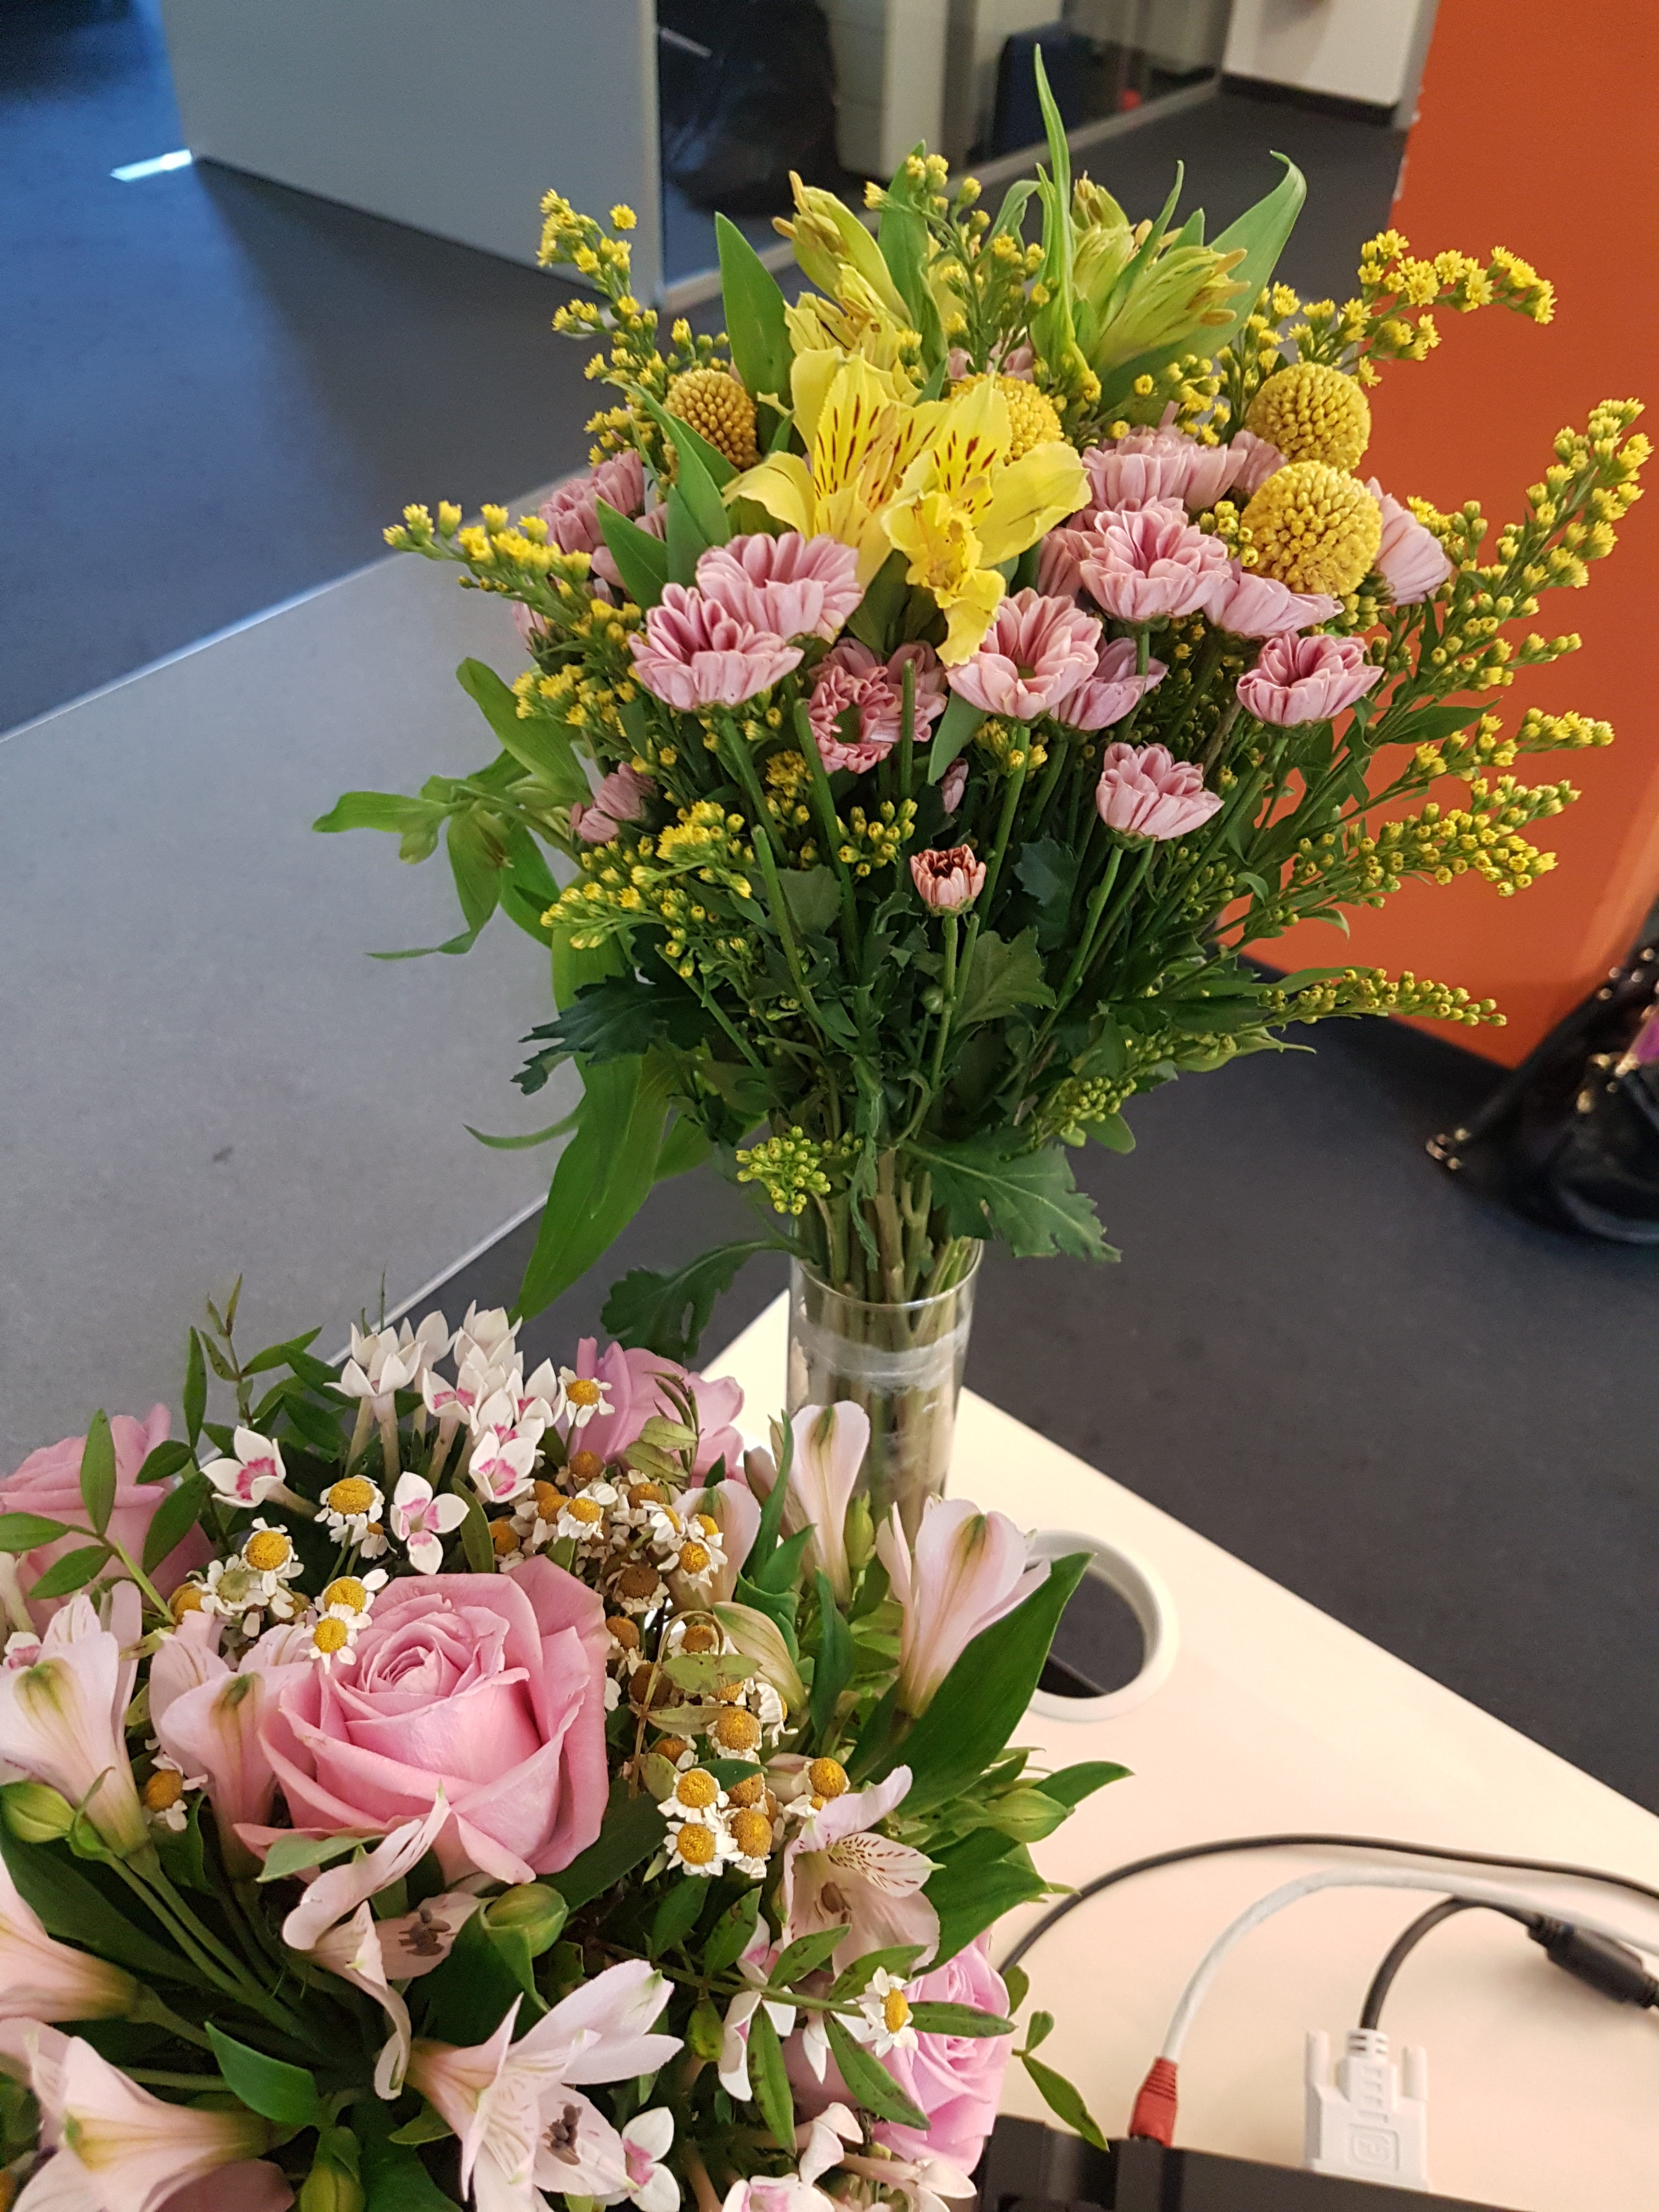 Wochenrückblick 29/ 2017 - Blumen von meinen neuen Kollegen